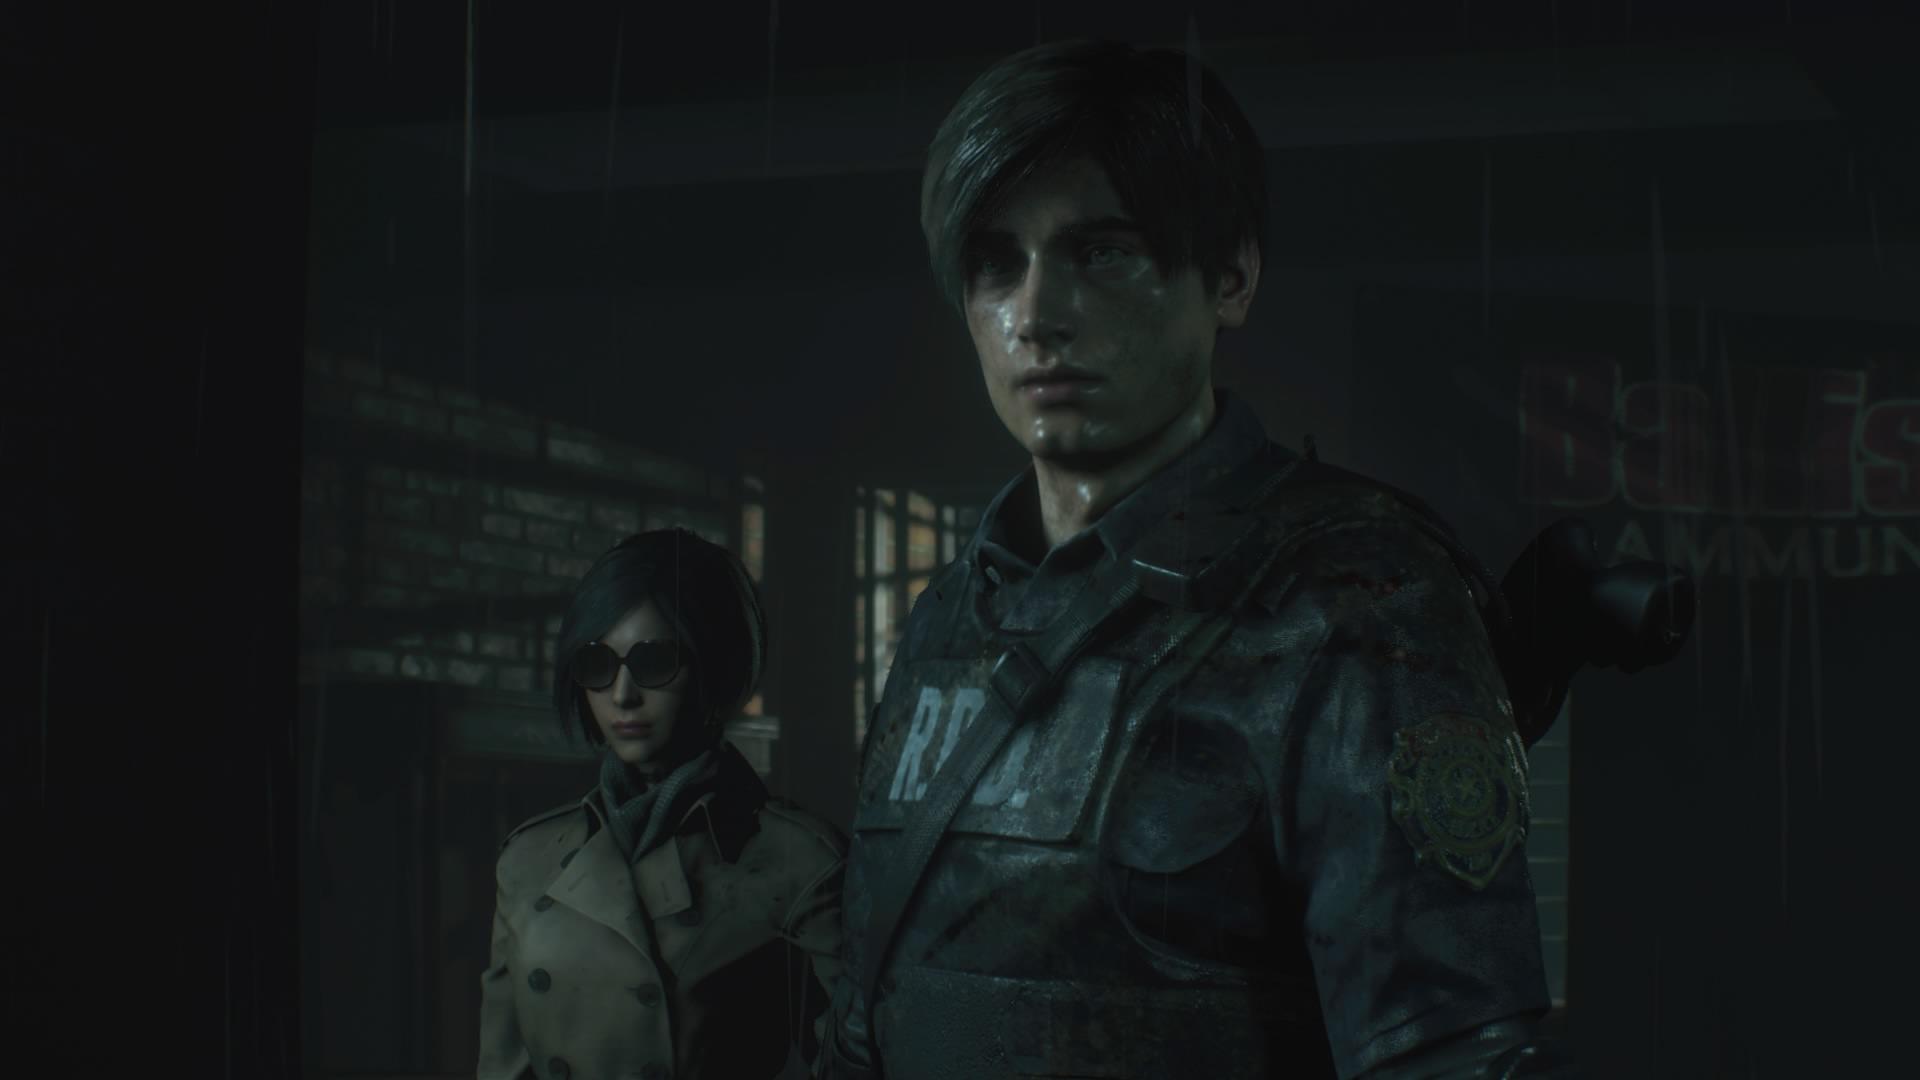 Wallpaper Resident Evil 2 Remake Resident Evil 2 Resident Evil